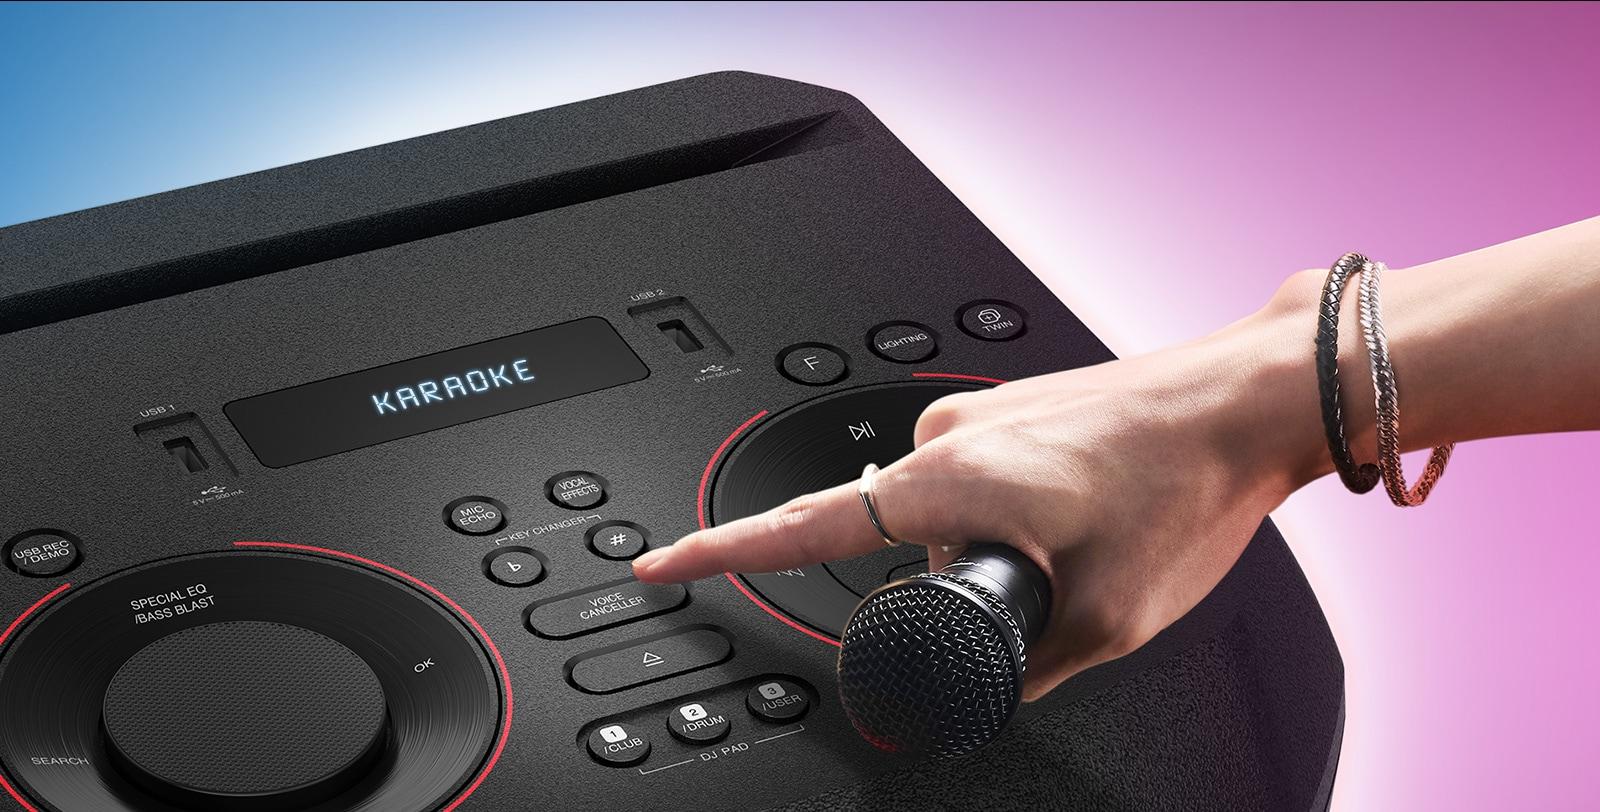 Roka, ki drži mikrofon, poskuša pritisniti gumb Voice Canceller na vrhu sistema LG XBOOM.